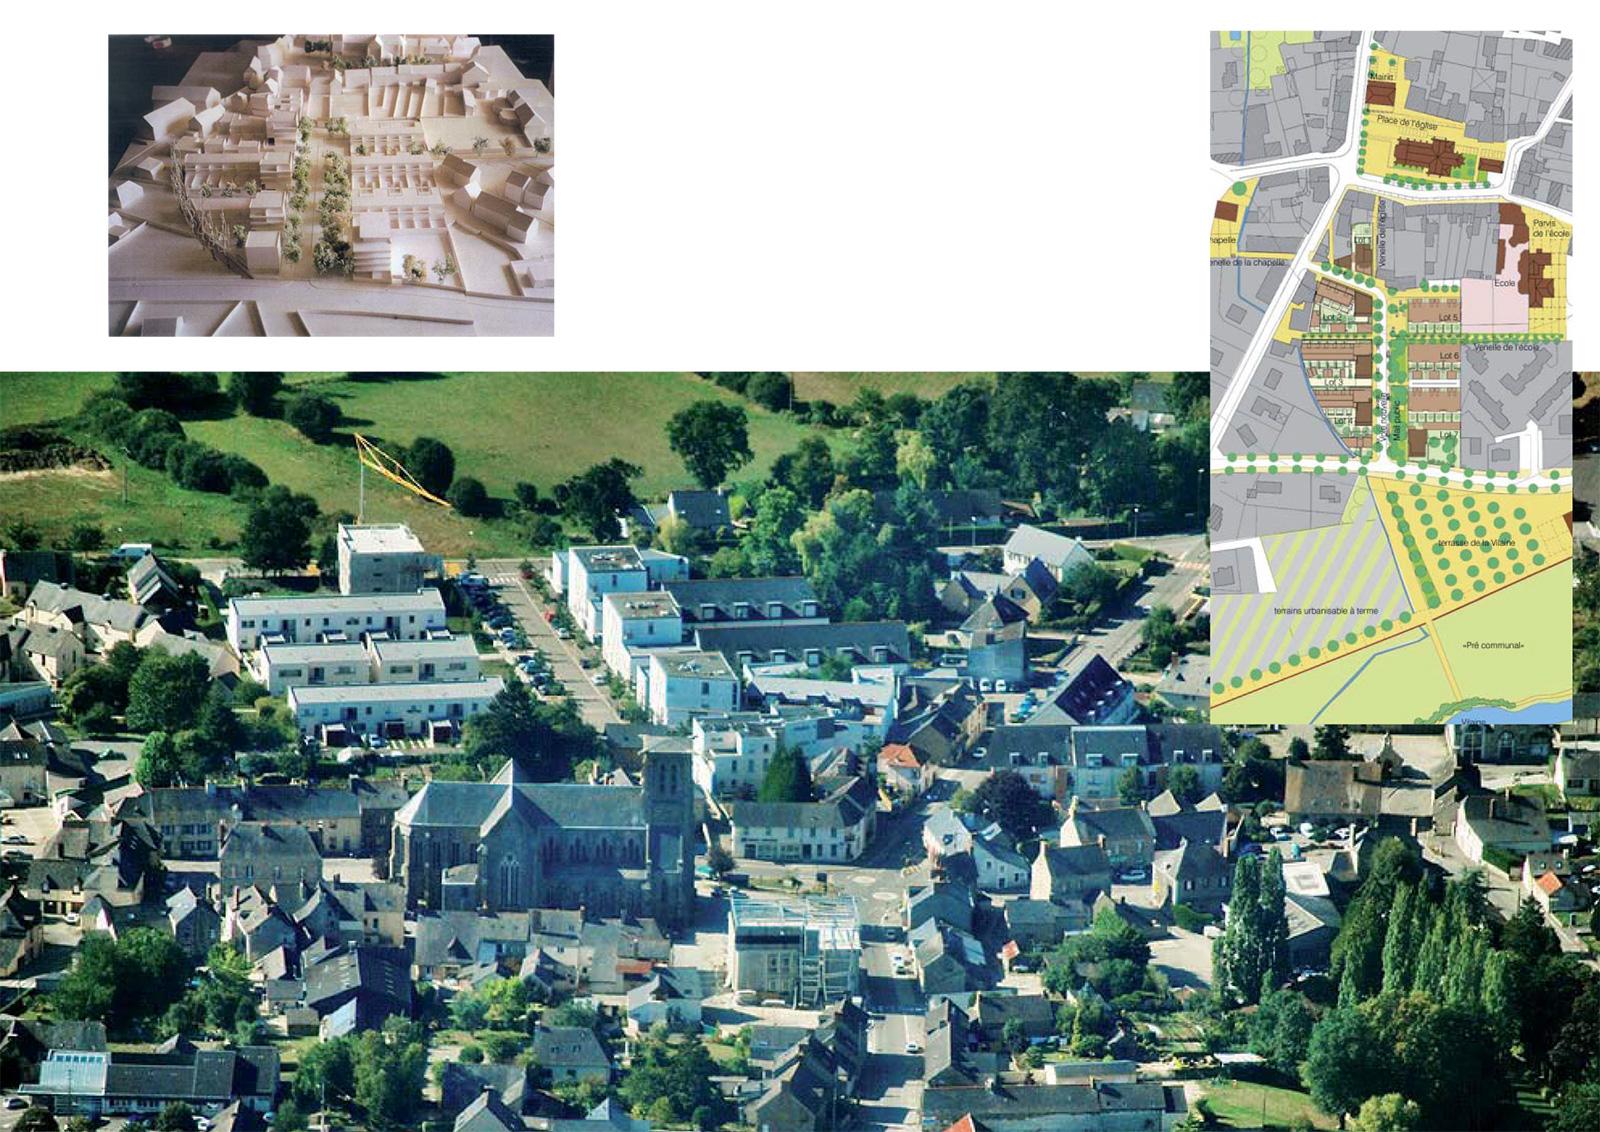 1-La ZAC des Vignes, un projet de consolidation, de densification et d'ouverture du centre bourg sur la campagne